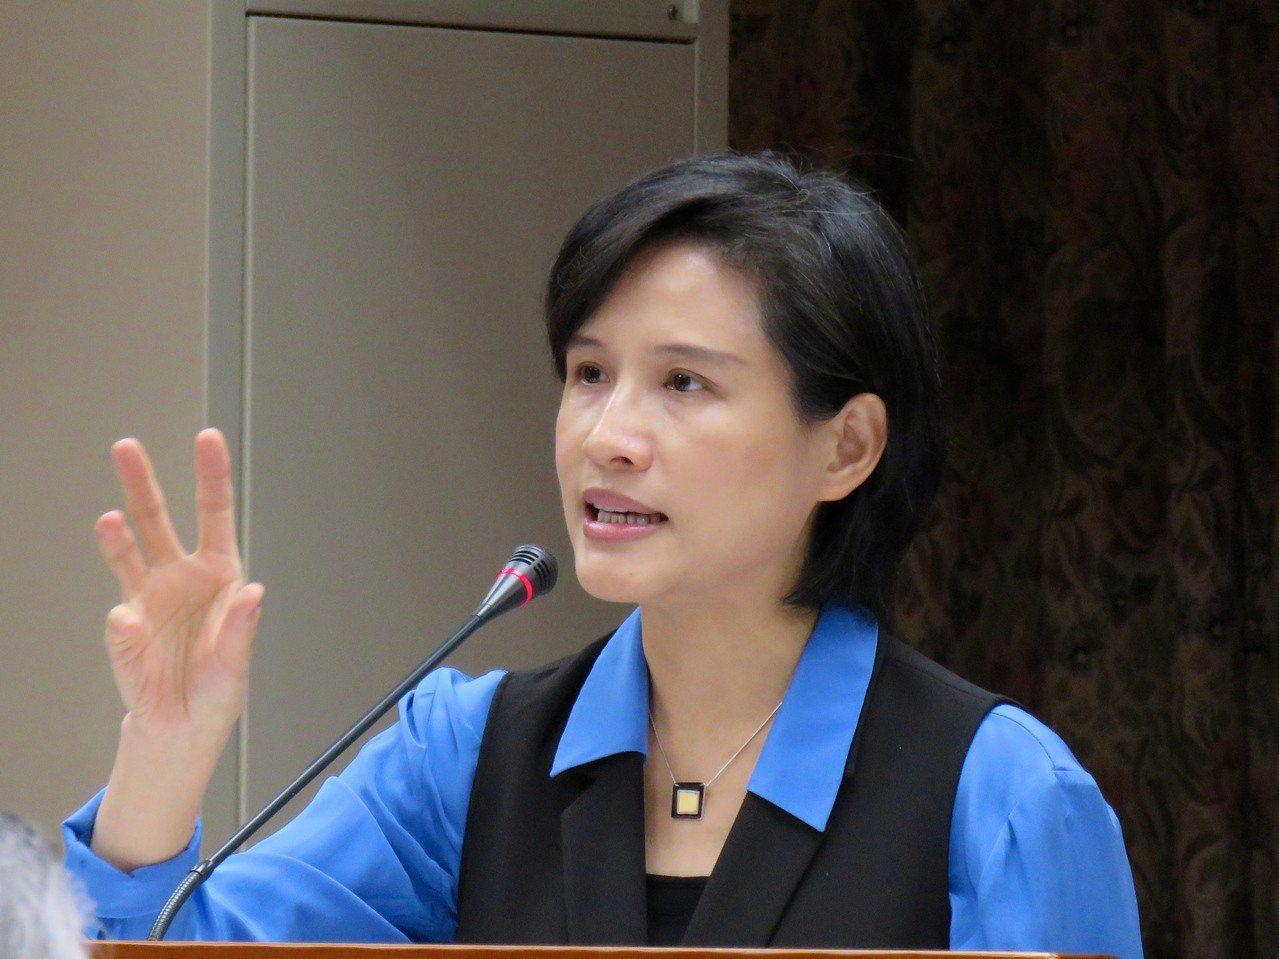 文化部長鄭麗君在立法院教育與文化委員會備詢。記者雷光涵/攝影